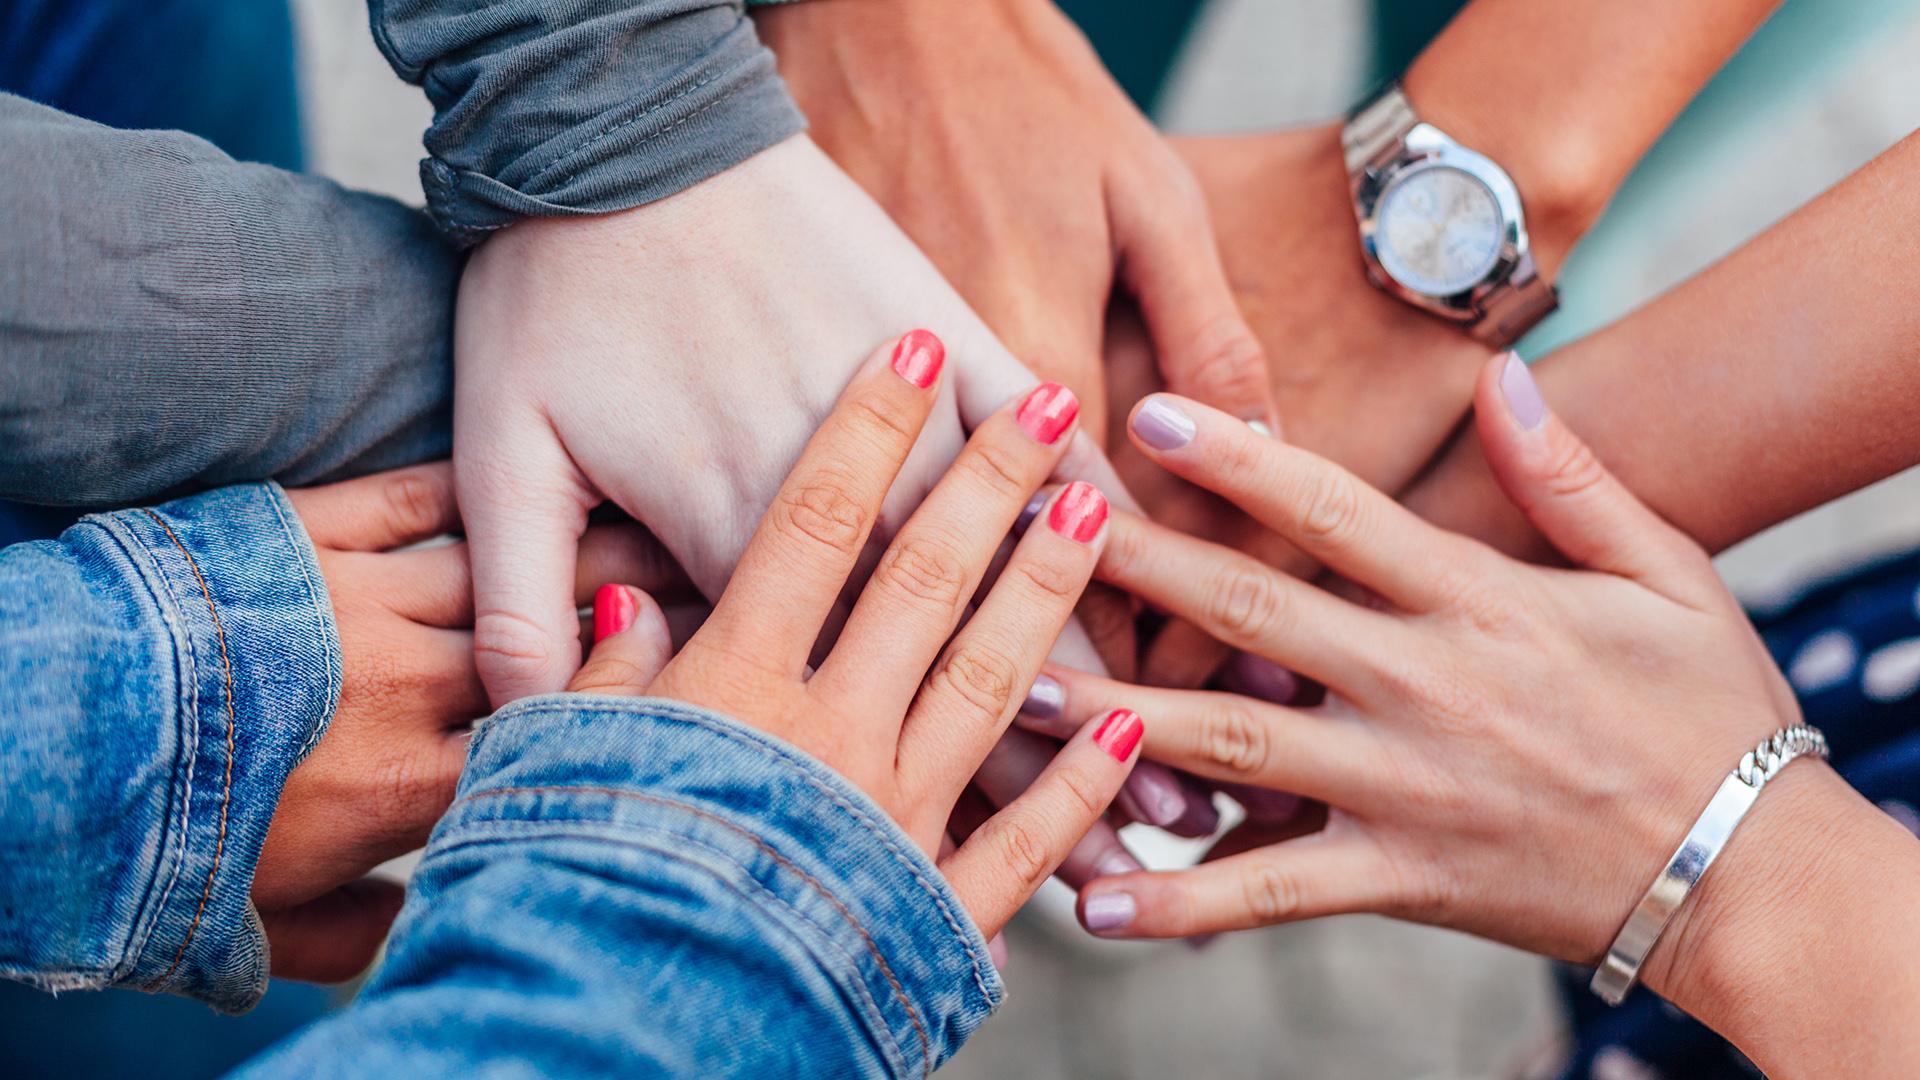 Los inspiradores videos buscarán promover el empoderamiento de las niñas (Getty Images)